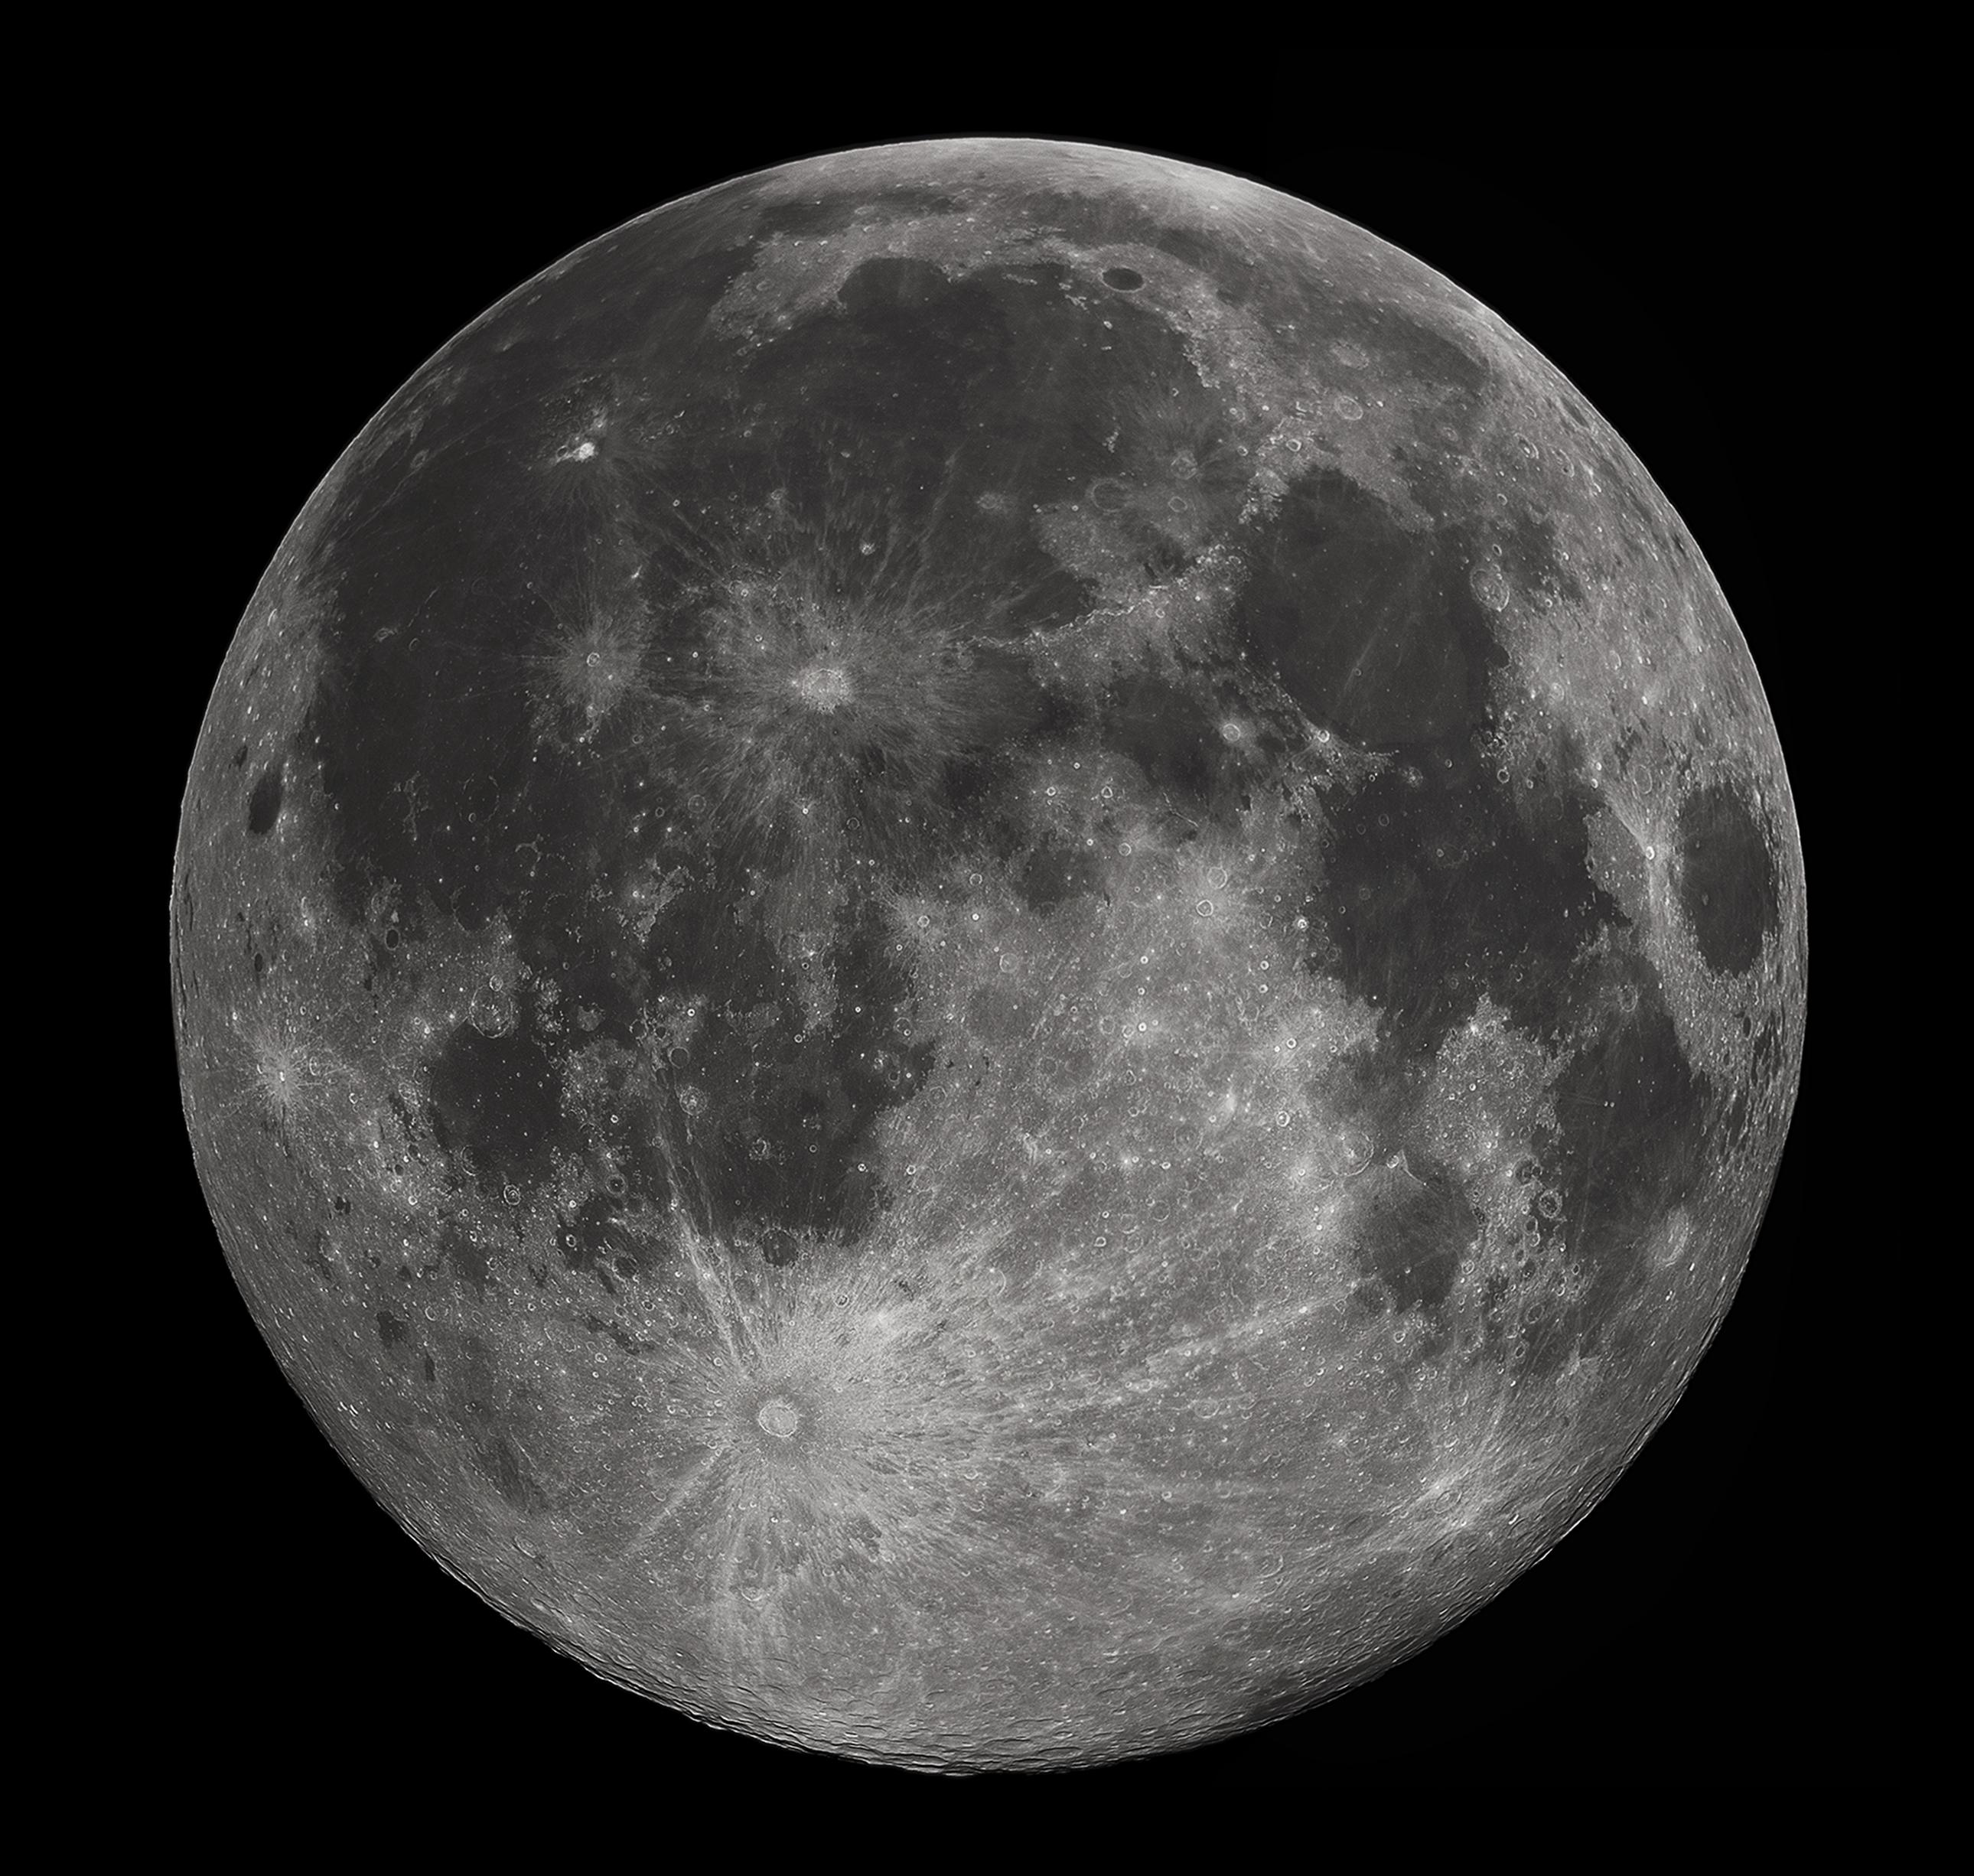 تکنولوژی که هوای ماه را مانند زمین میکند